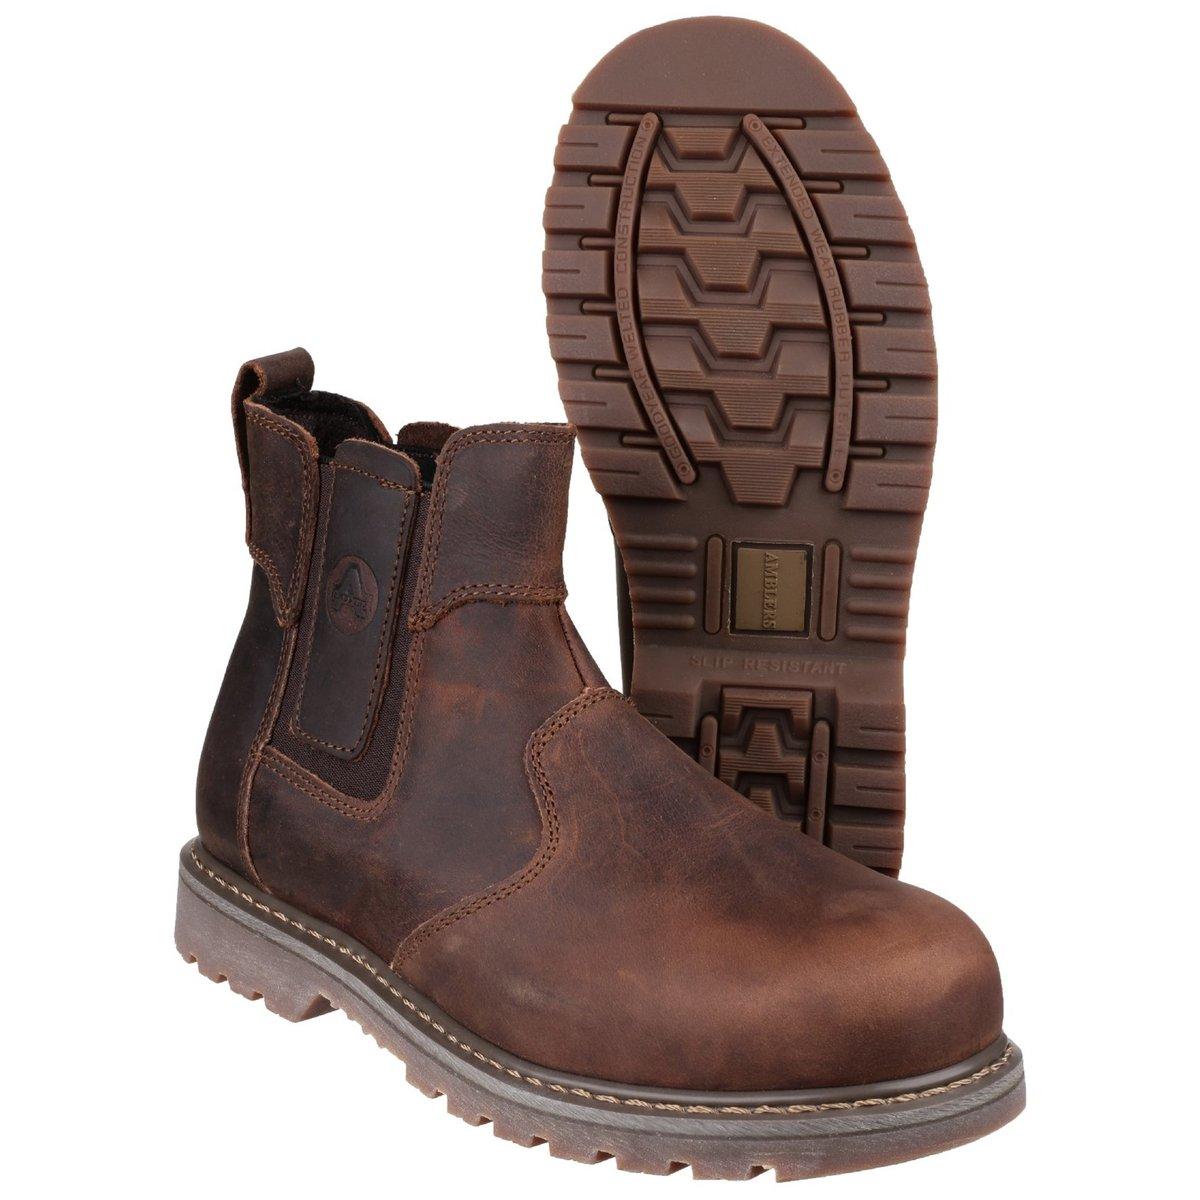 Détails Steel SécuritéMarronEur 37 Fs165 Chaussures Femmefs838 41 Amblers De Sur vmwn0N8